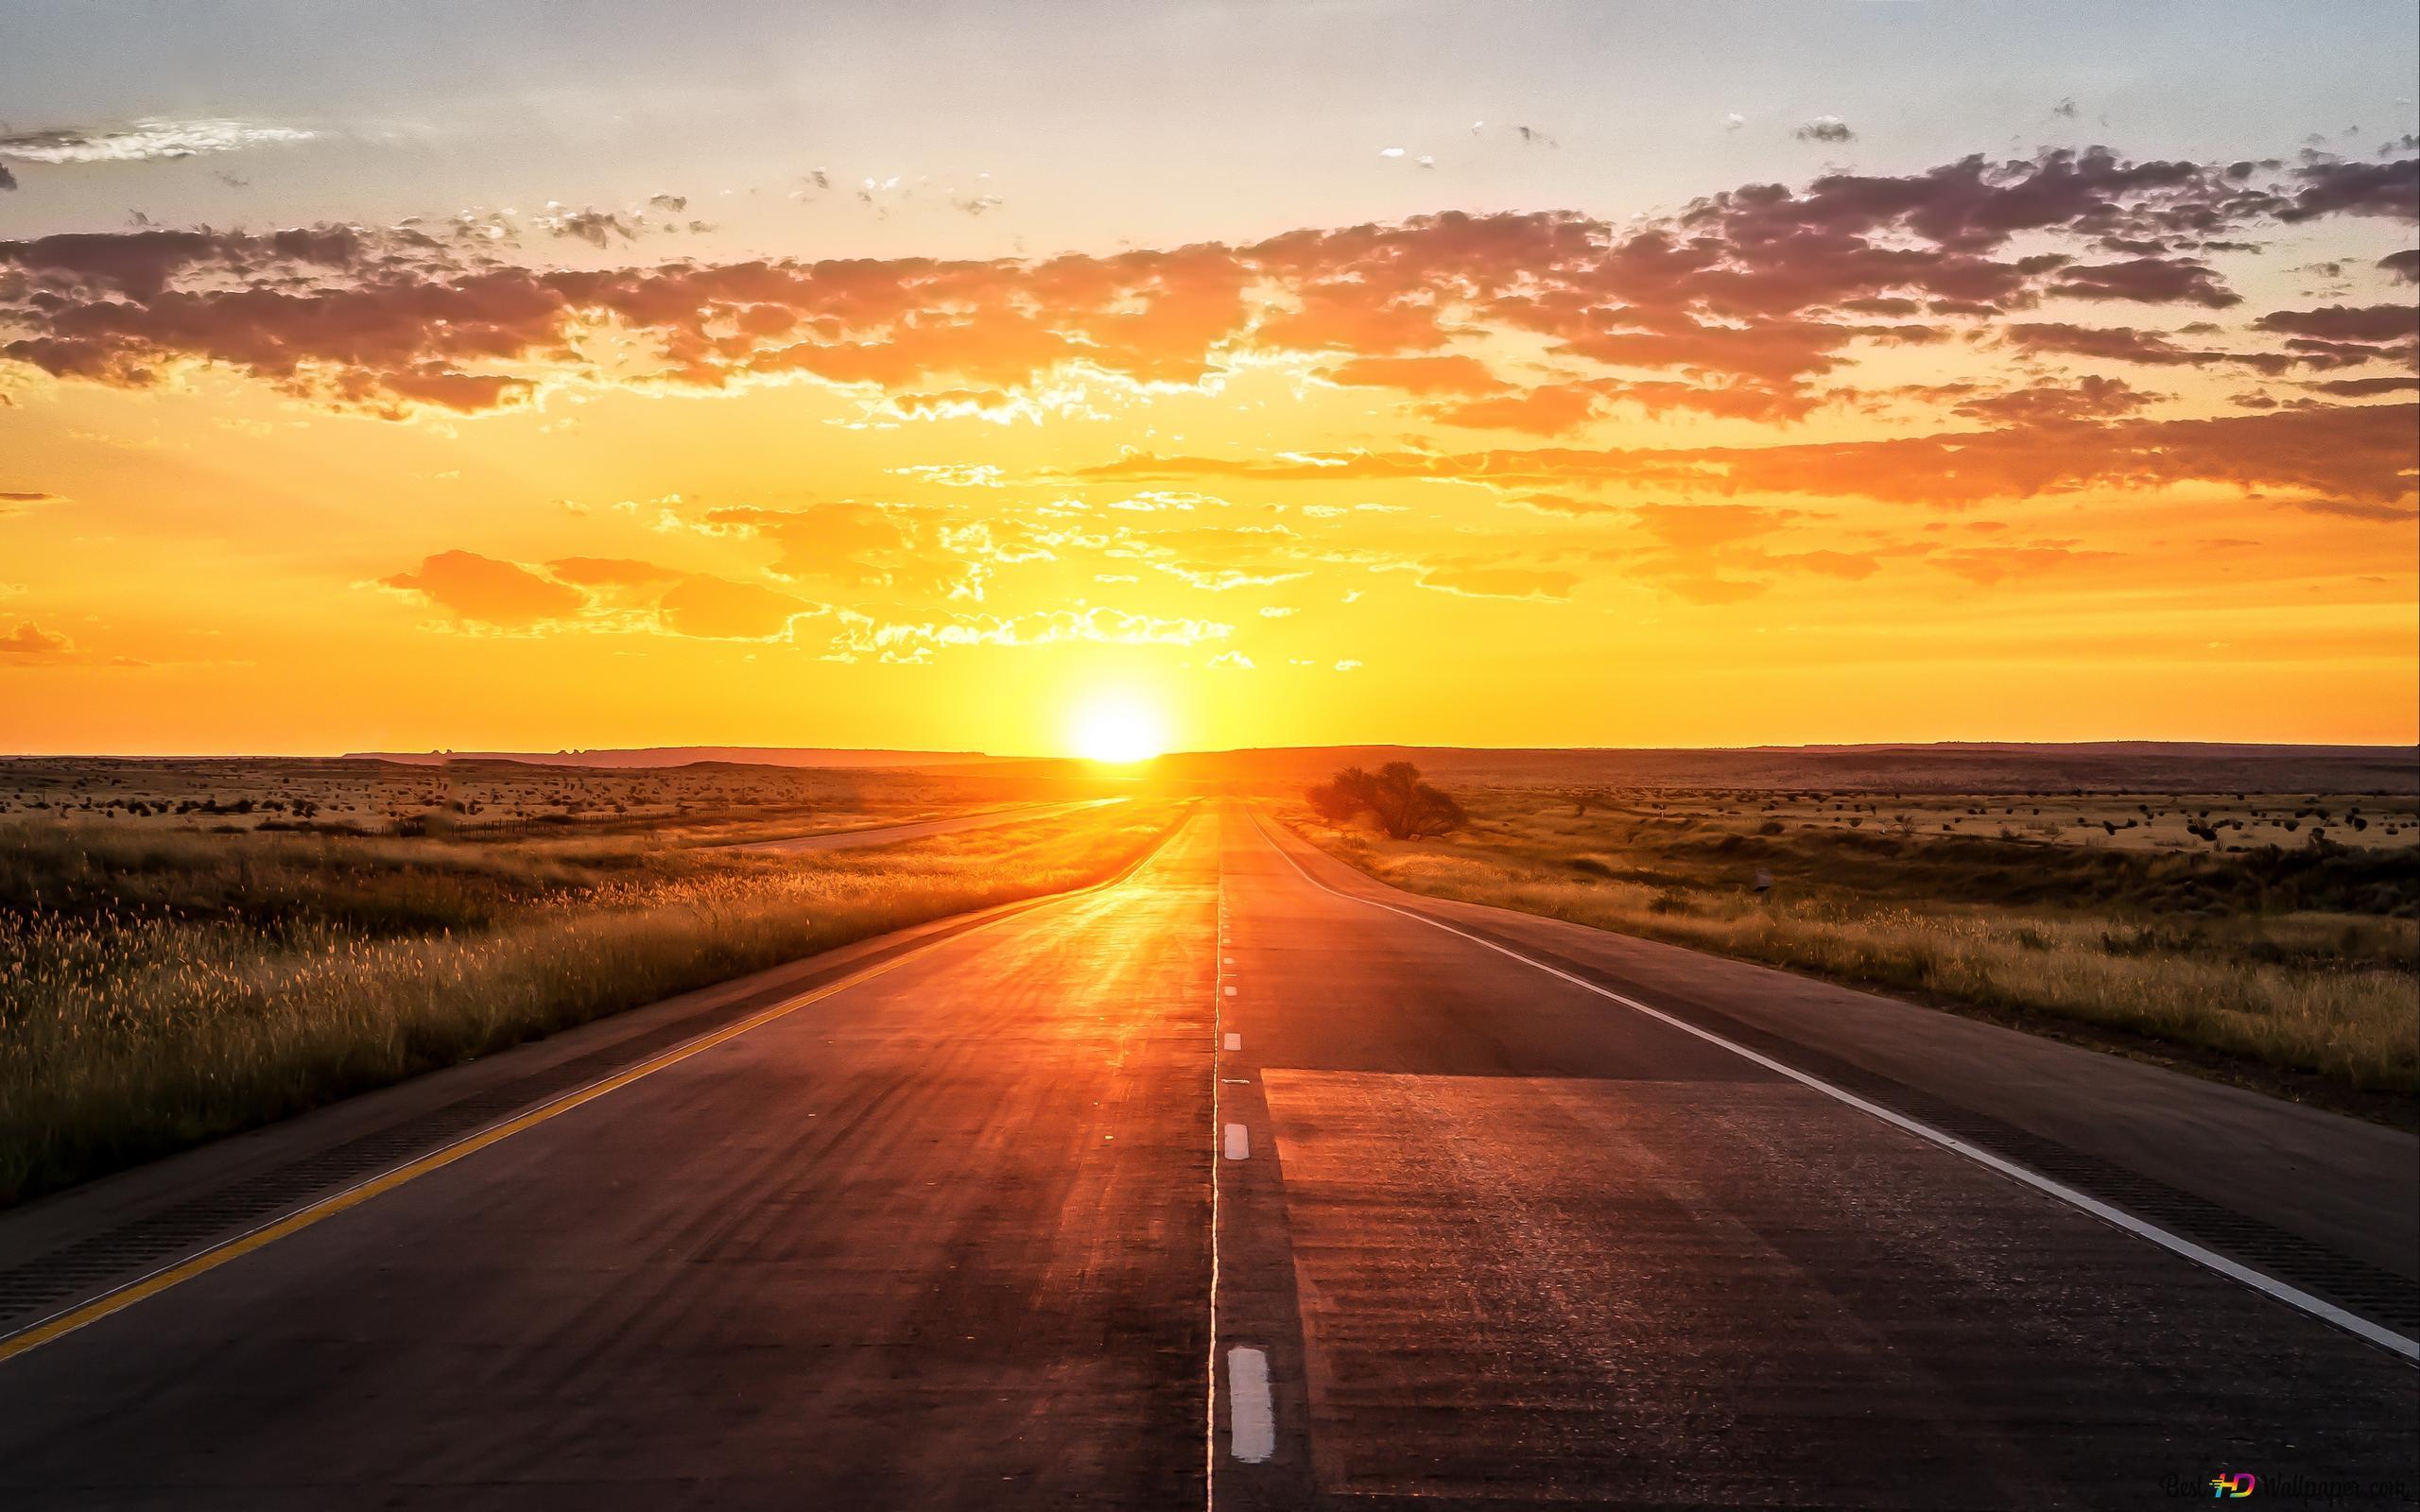 道と夕日 Hd壁紙のダウンロード